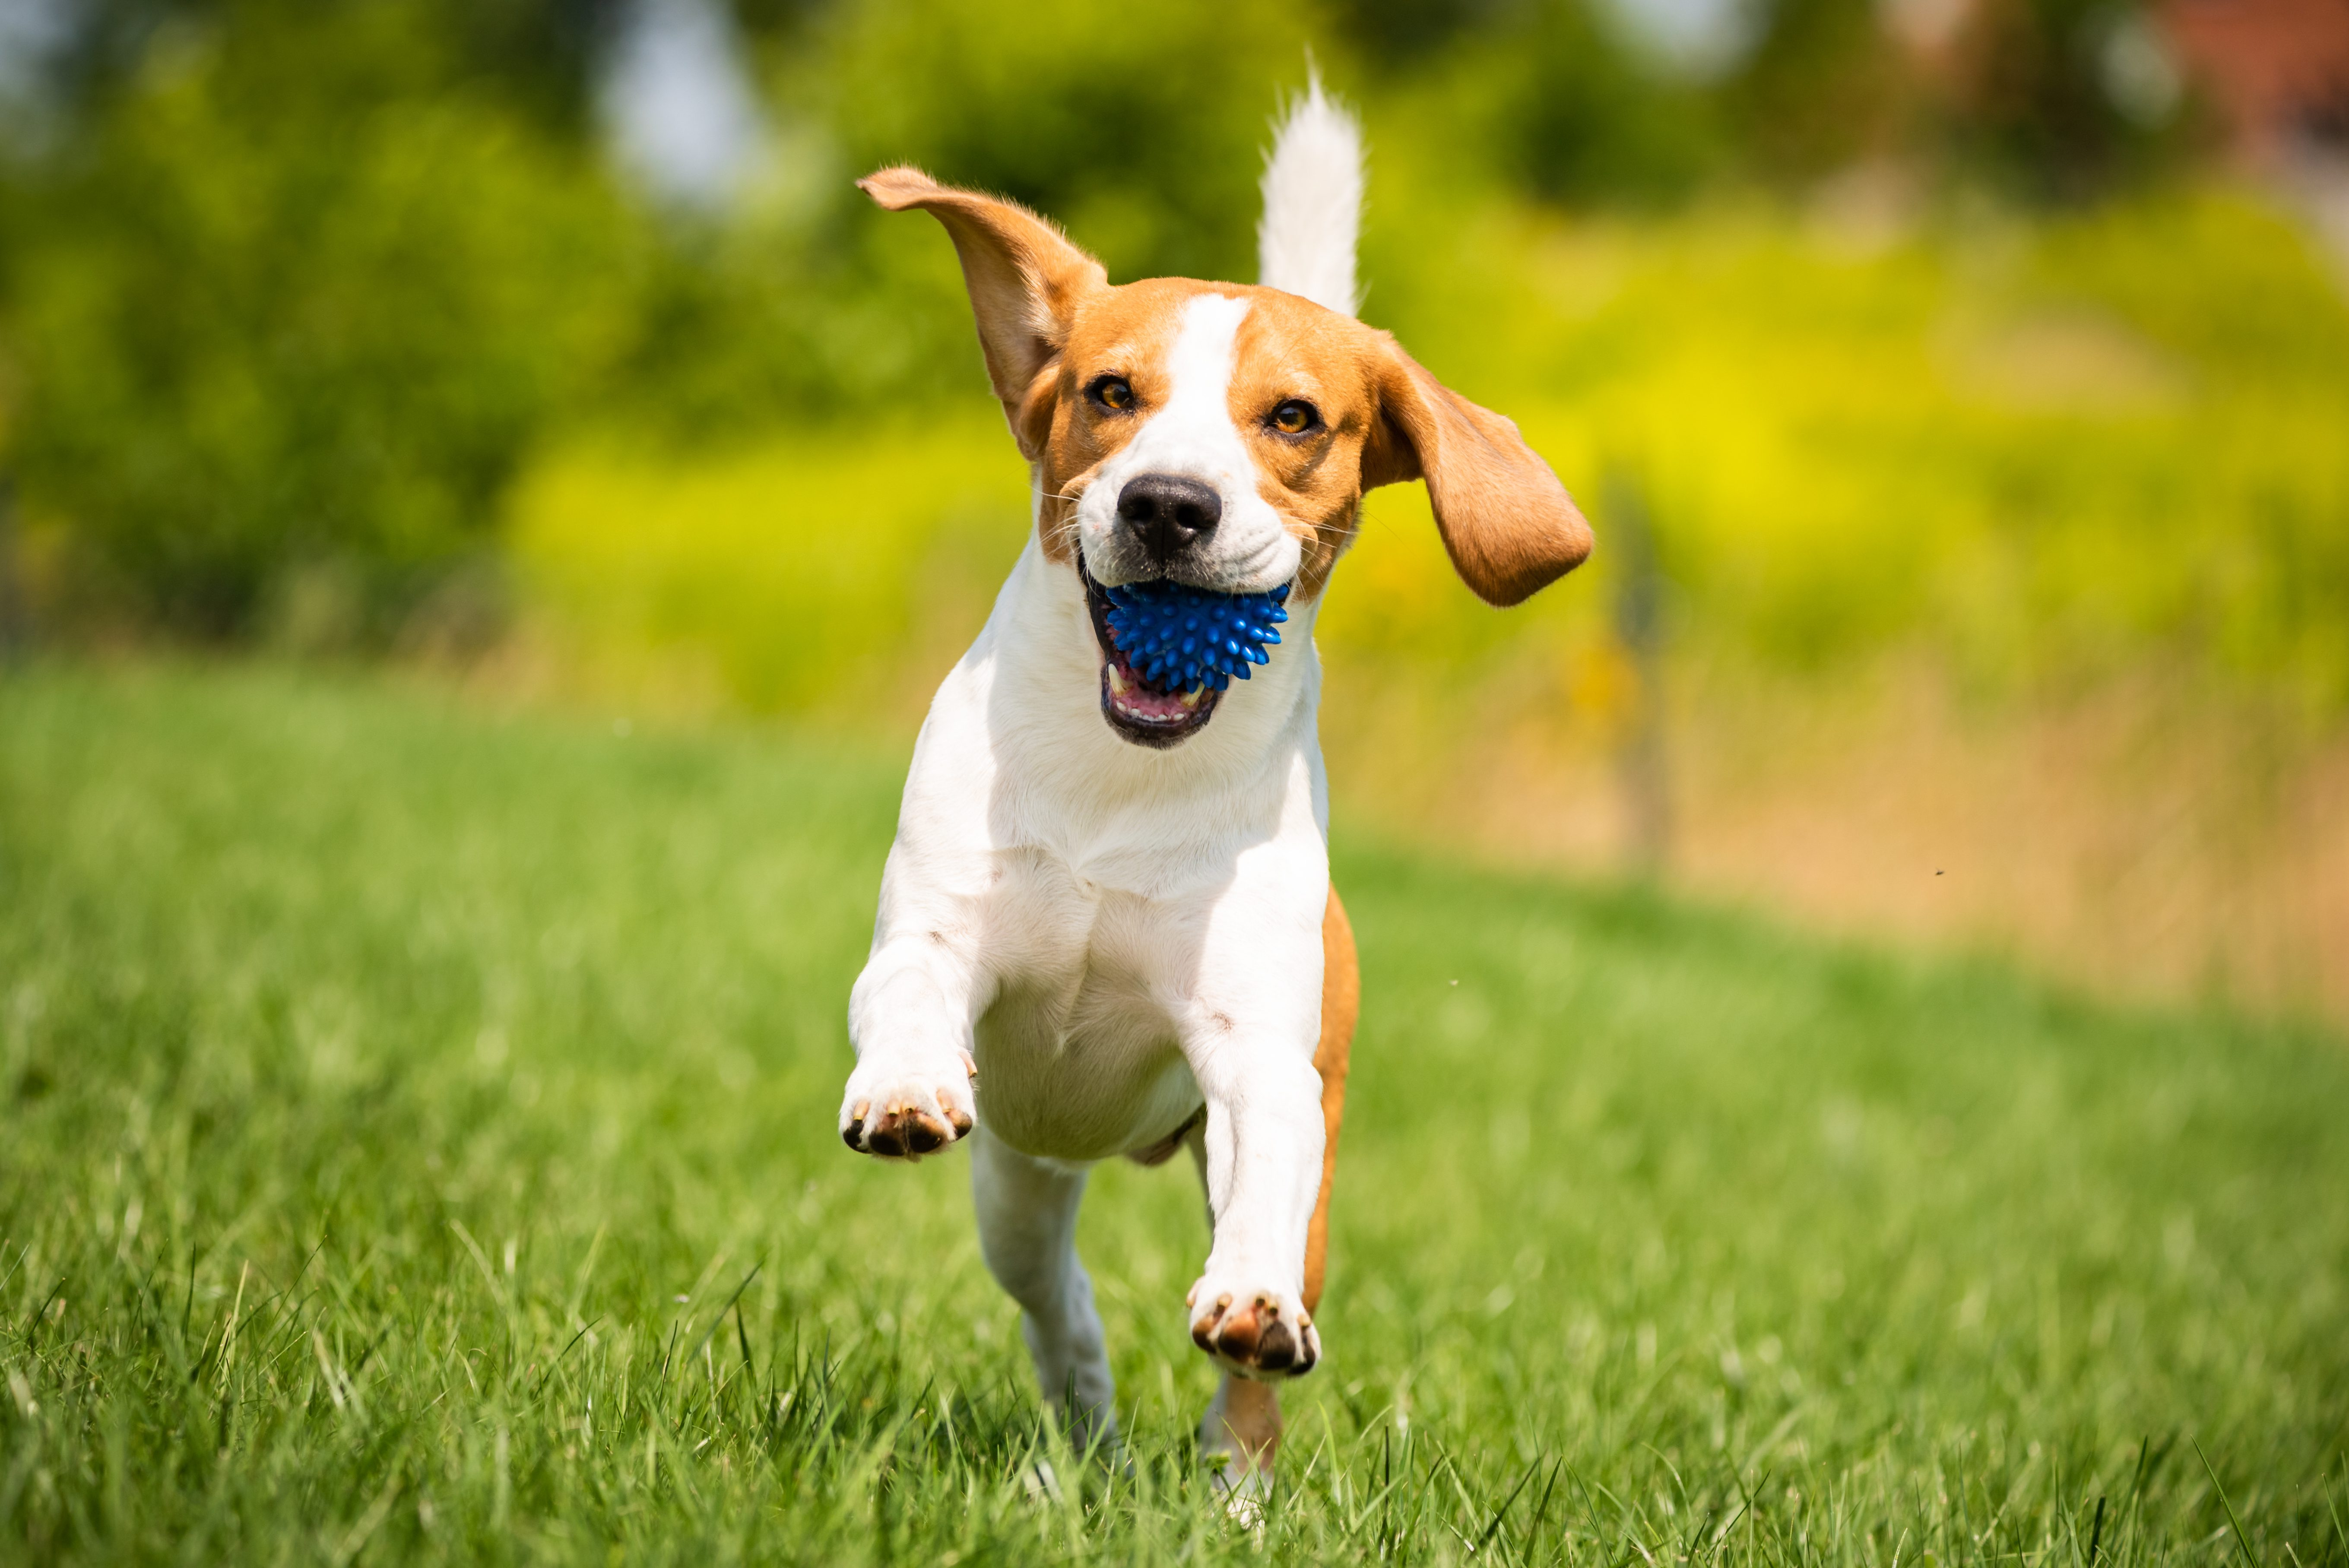 beagle playing fetch